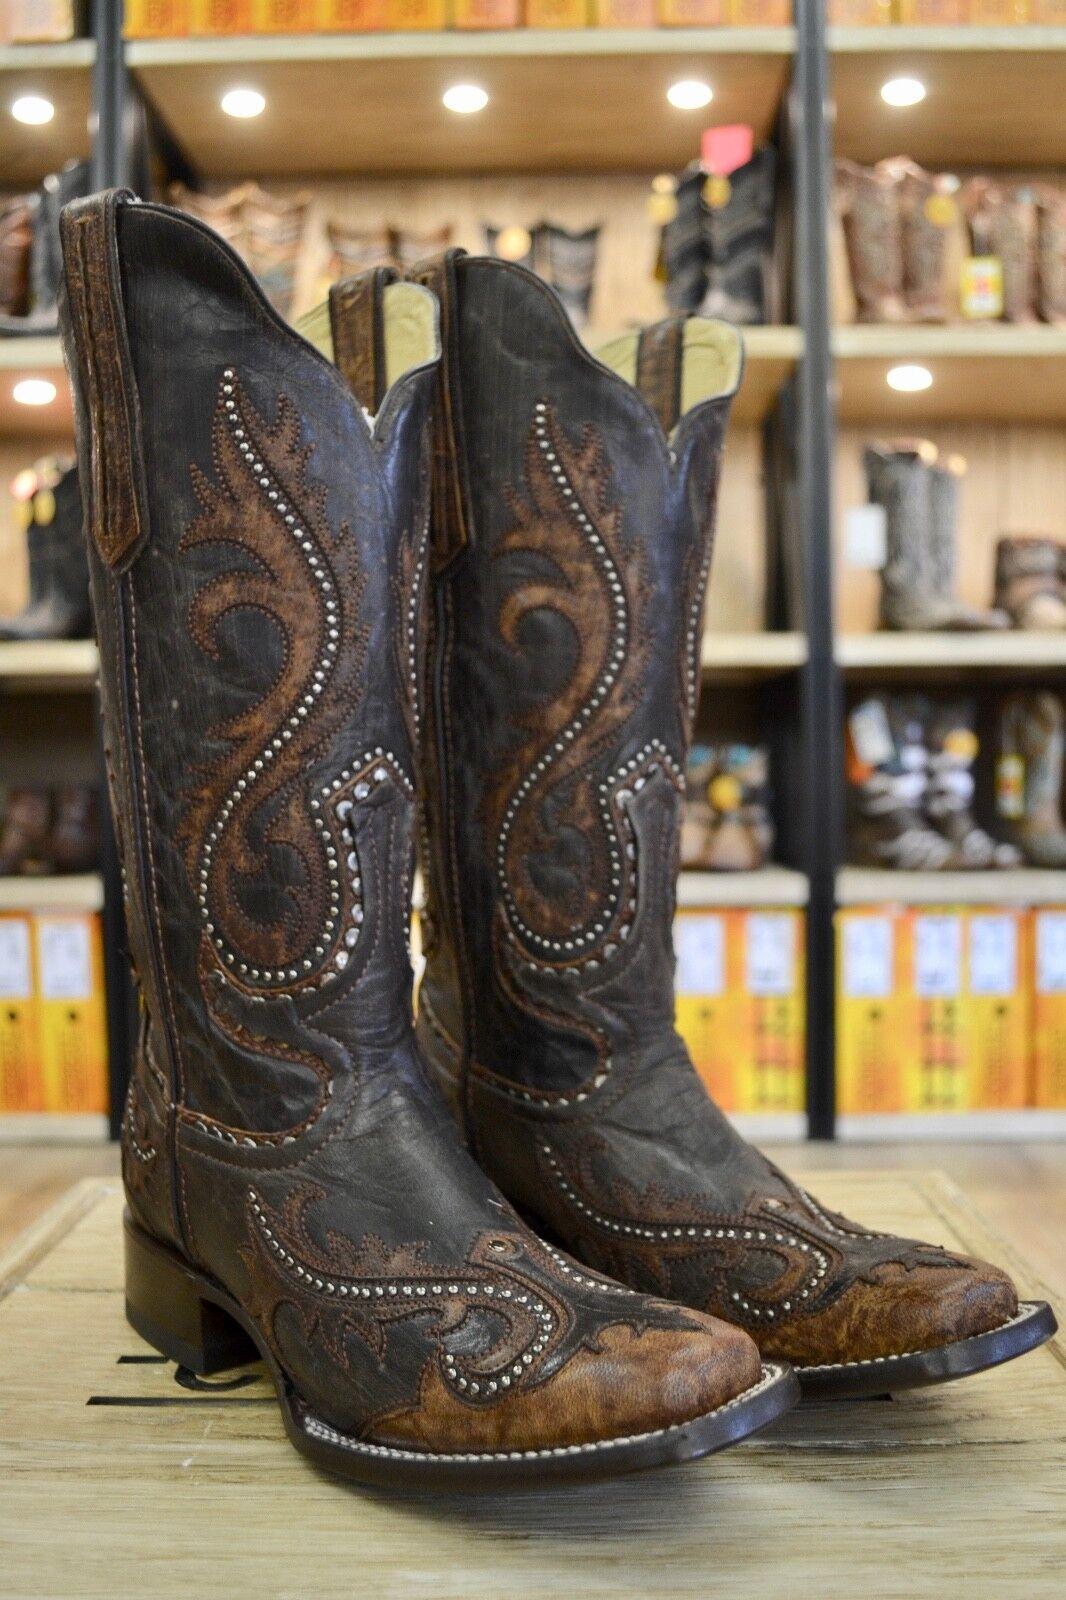 Corral para mujer hermosa hermosa hermosa superposición de dedo del pie cuadrado Tachonado Marrón tabaco botas G1349  para proporcionarle una compra en línea agradable